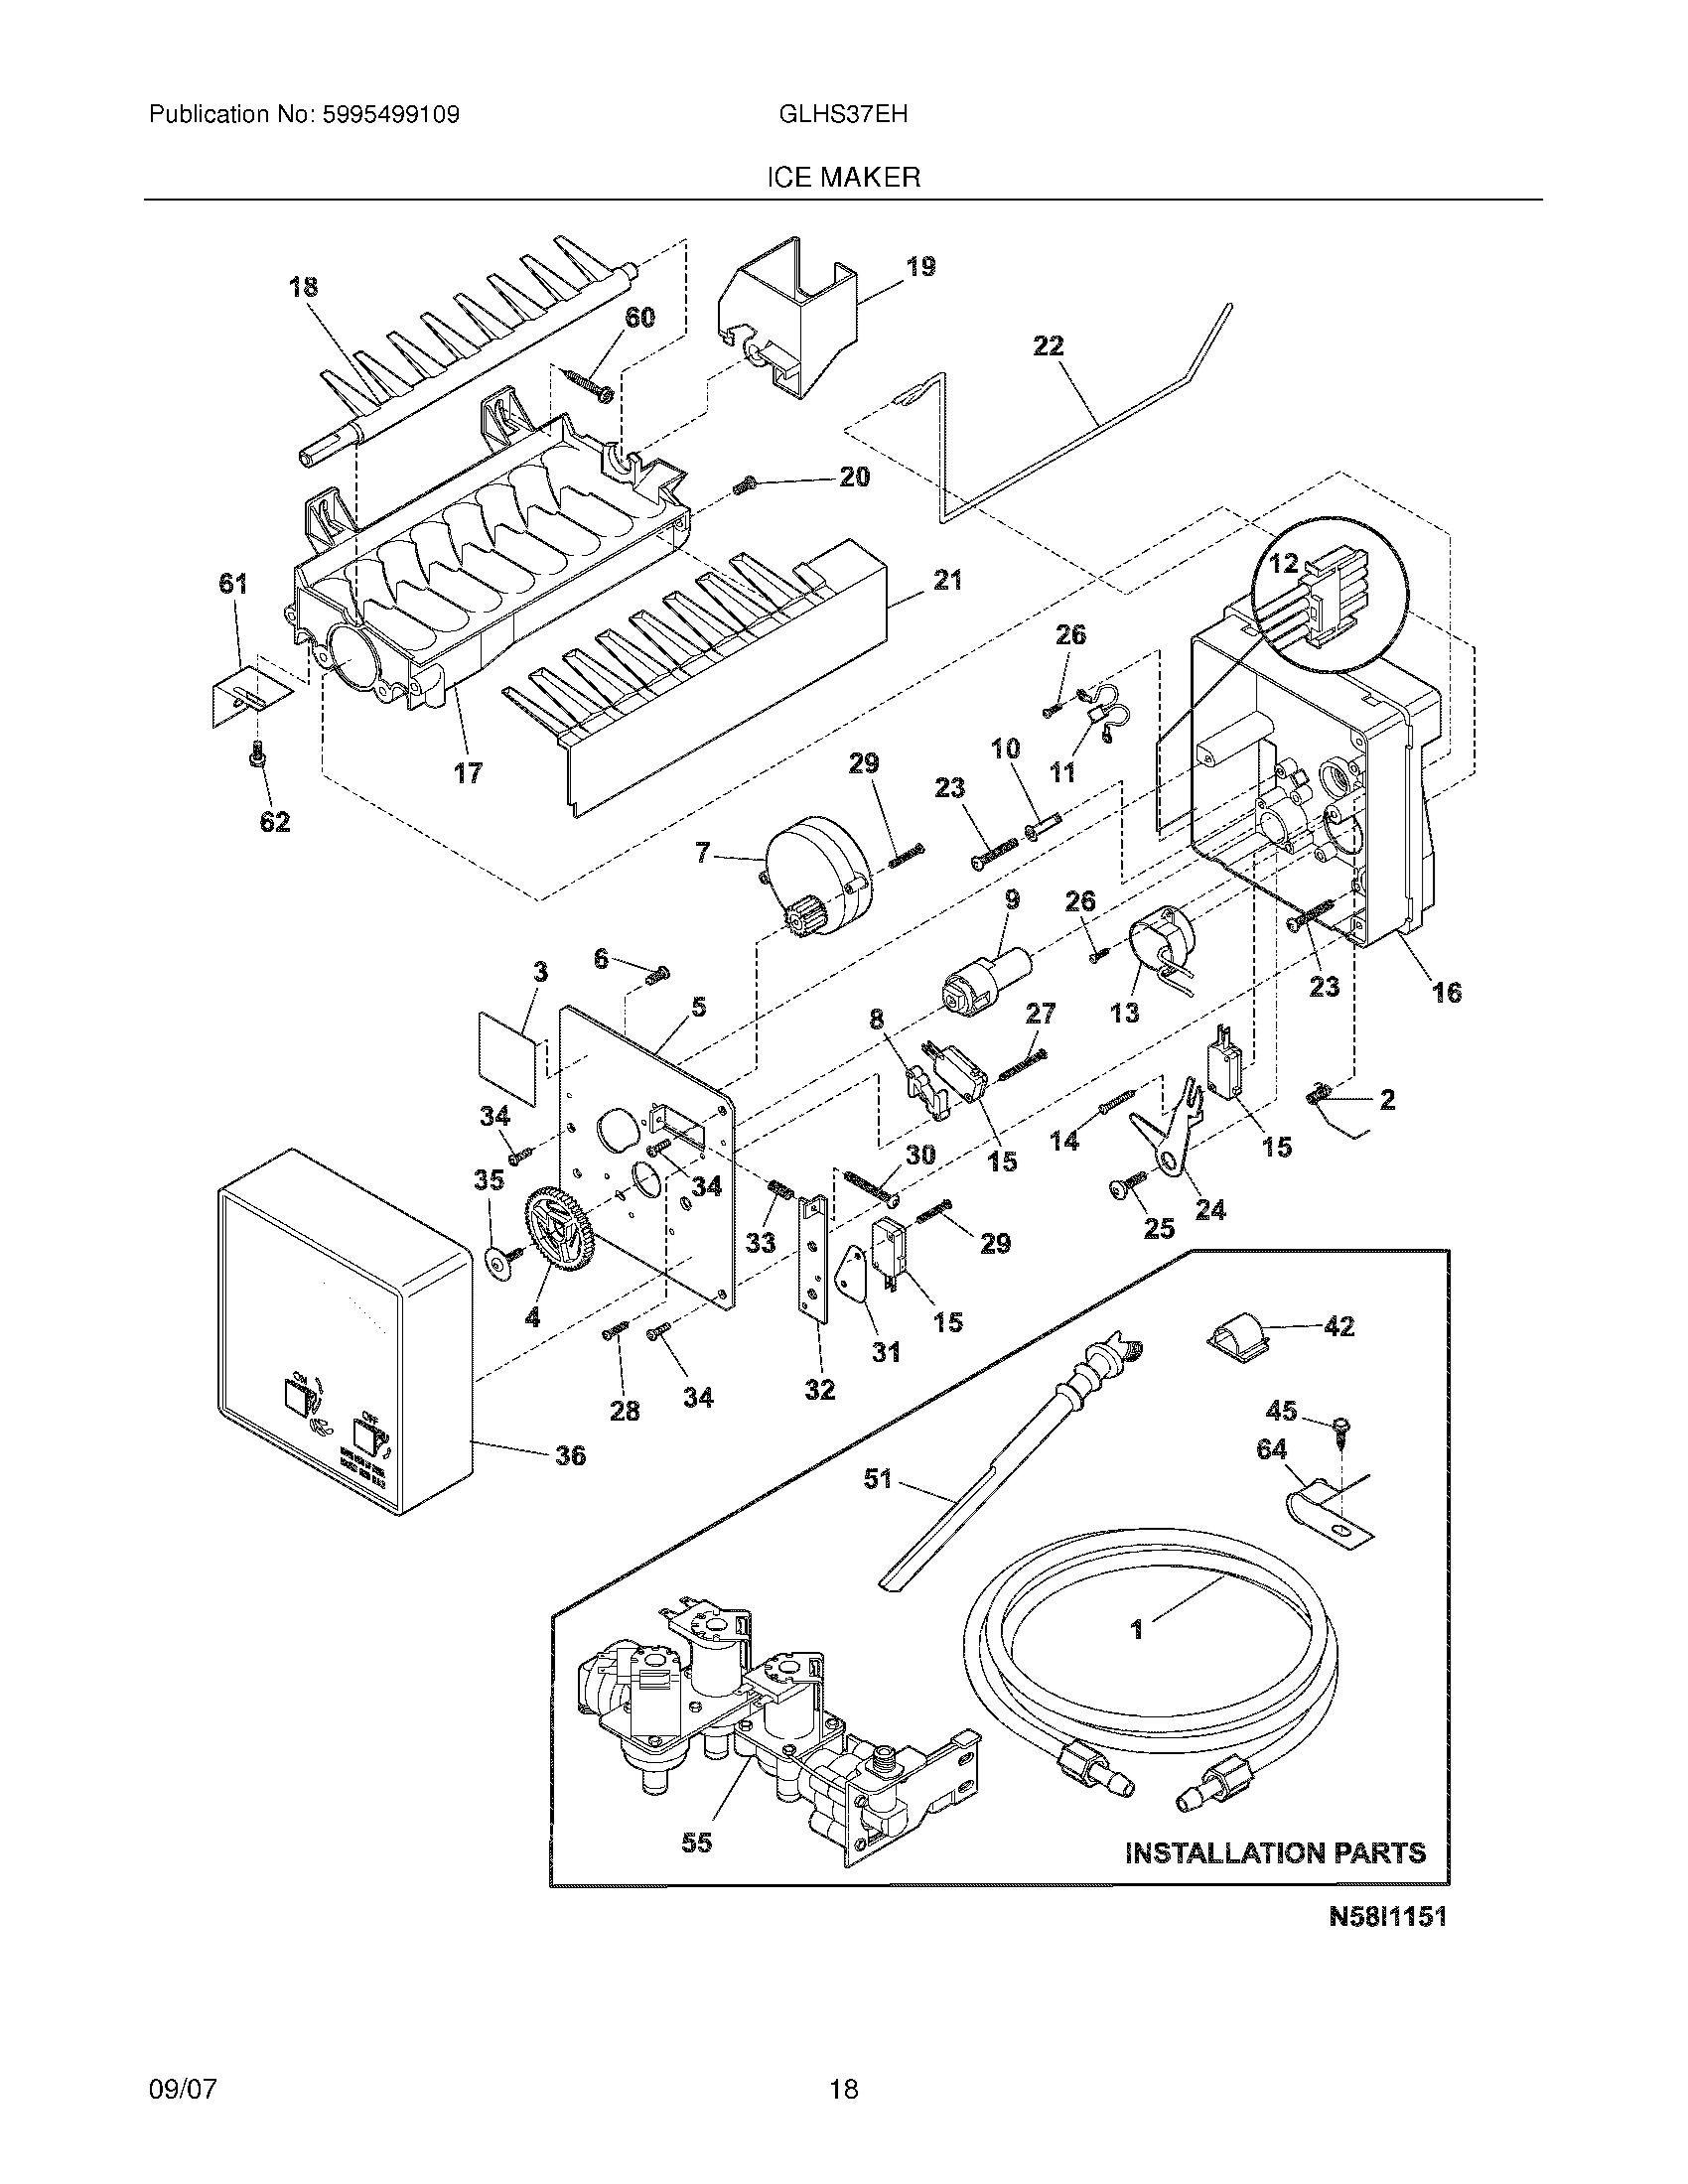 2004 isuzu npr wiring diagram 2004 discover your wiring diagram 2006 gmc w4500 wiring schematics 2006 wiring diagrams cars